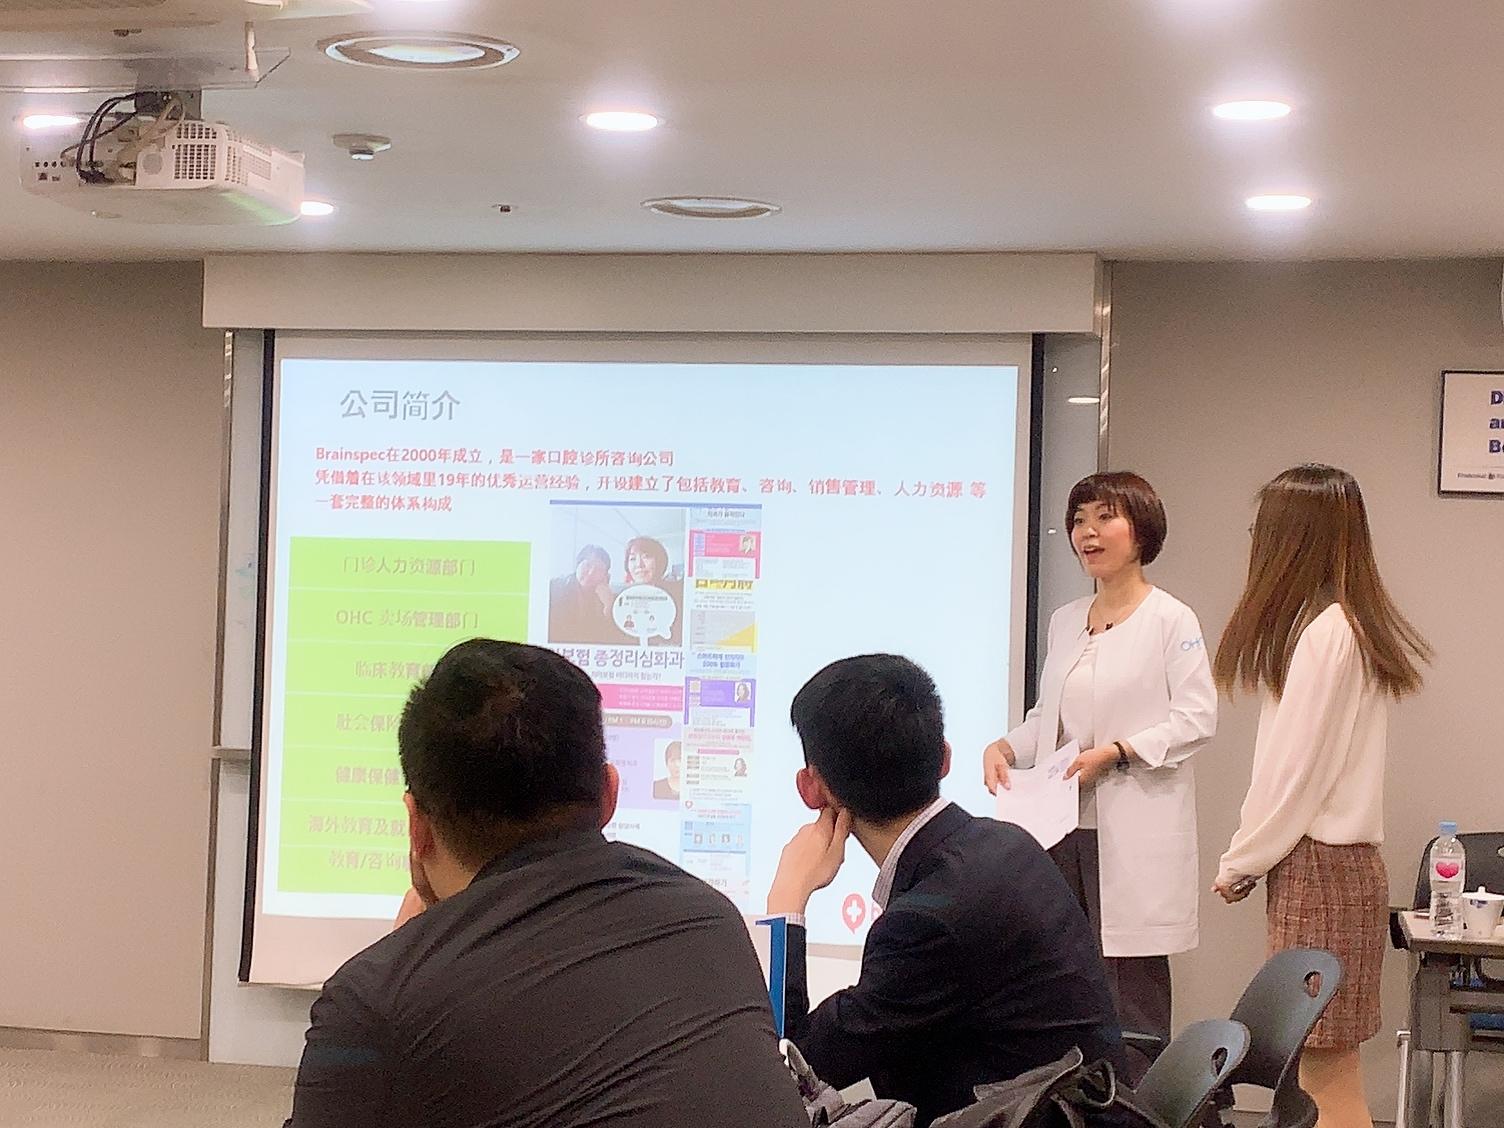 2019-4-24 중국 바이보참관단 사보험 강의 5.jpg